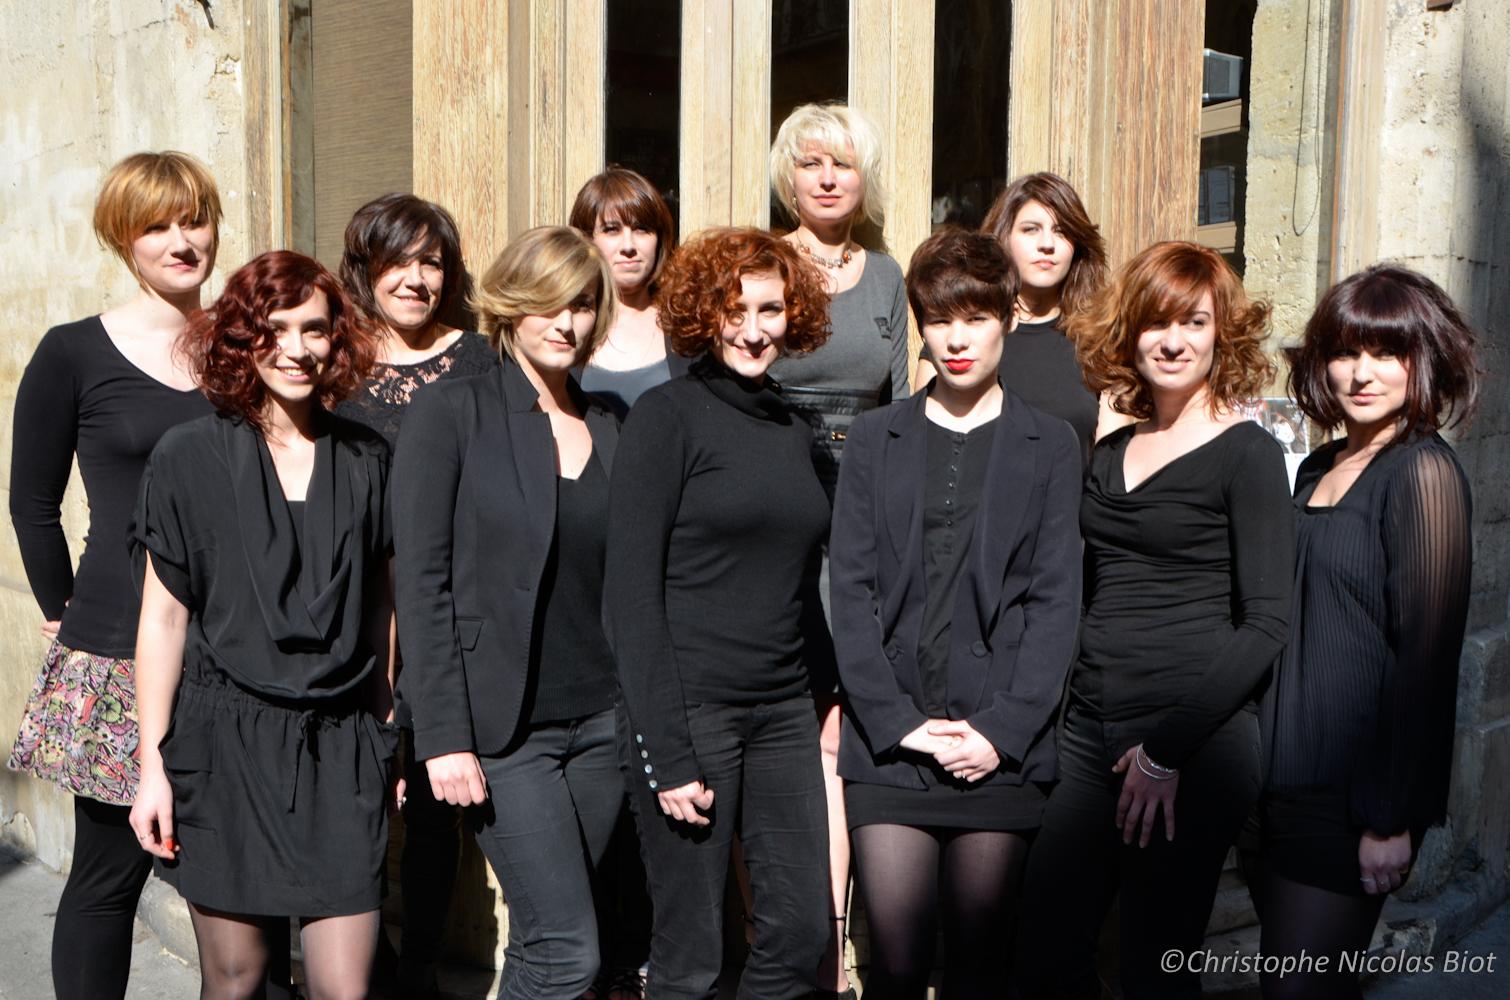 La maison de coiffure christophe nicolas biot